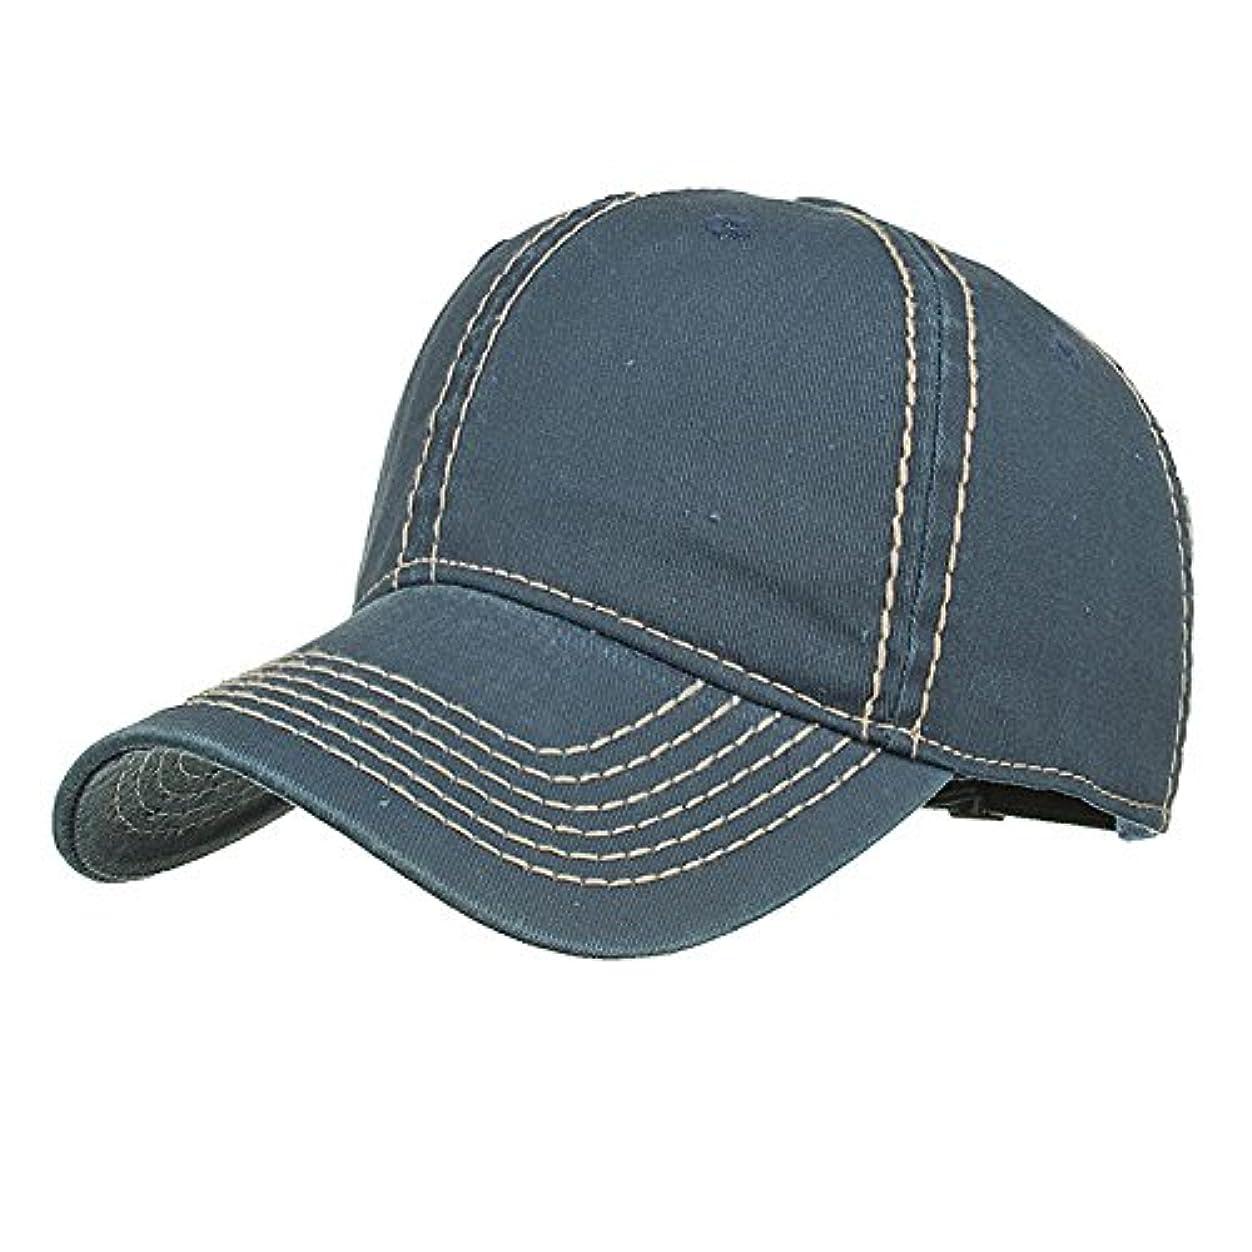 製作破滅的なしたいRacazing Cap 無地 野球帽 キャップ 夏 登山 通気性のある 帽子 ベルクロ 可調整可能 刺繍 棒球帽 UV 帽子 軽量 屋外 Unisex Hat (C)